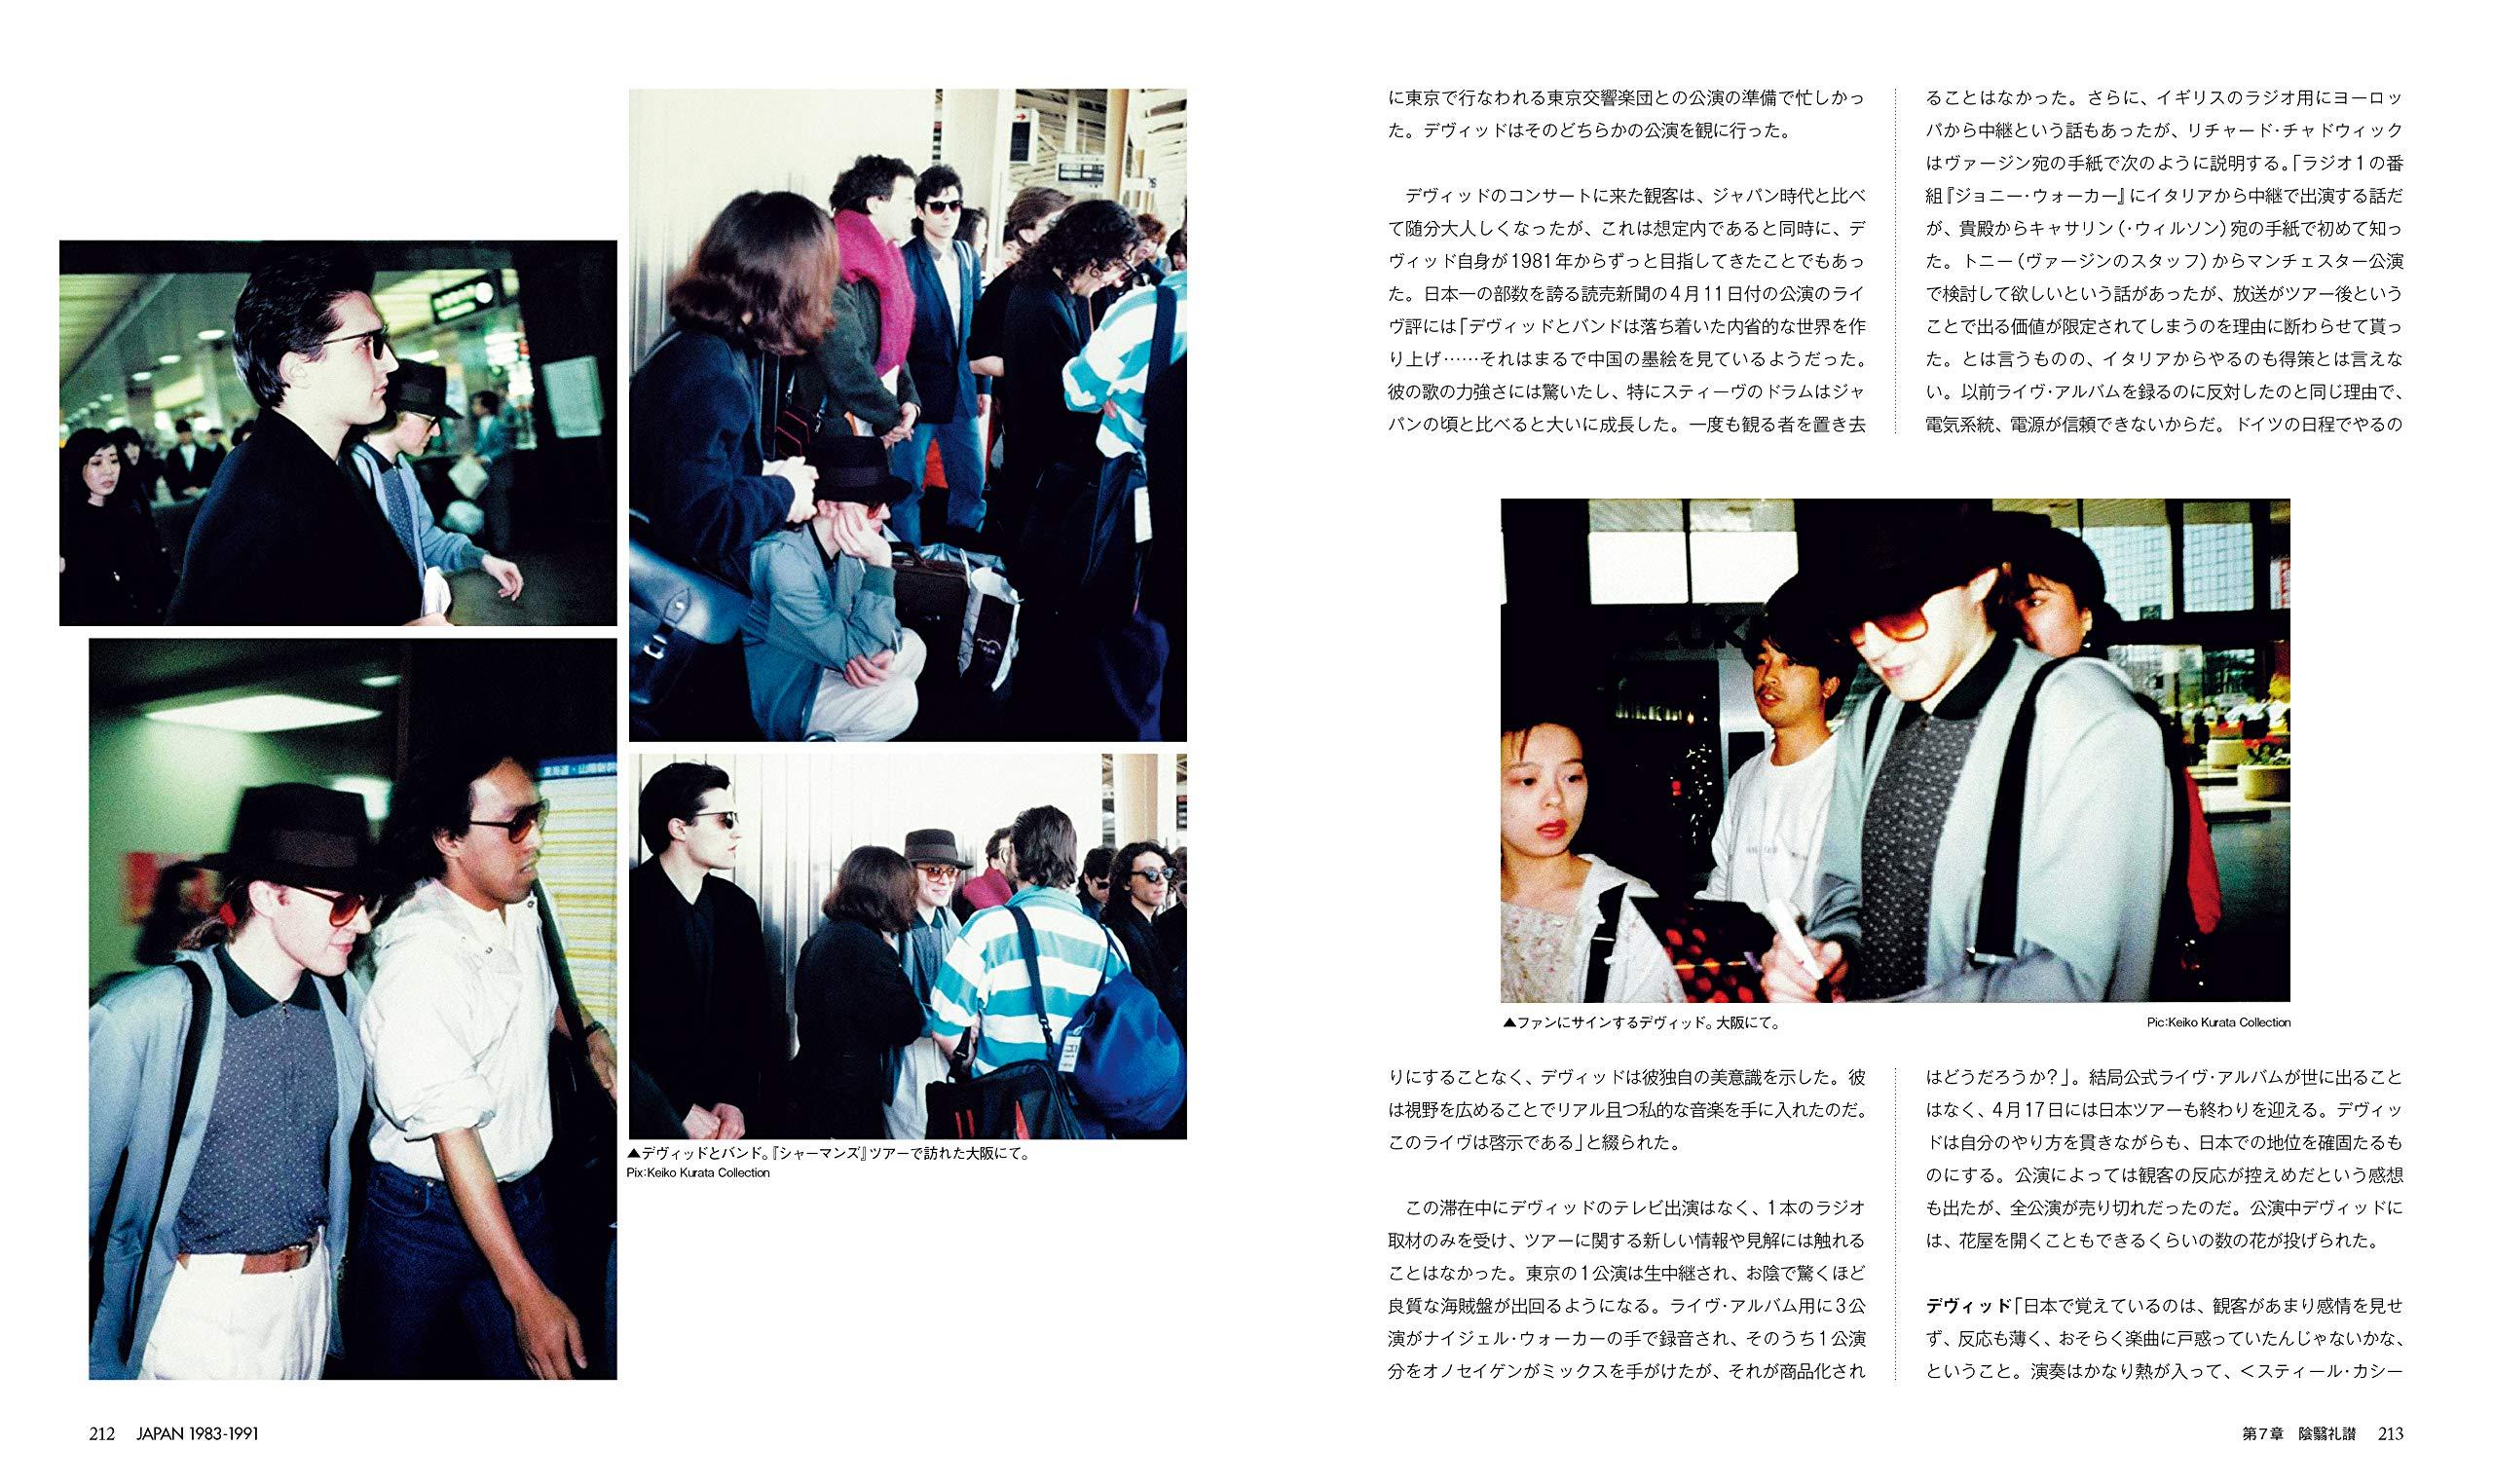 Amazon.co.jp: JAPAN 1983-1991 瓦解の美学: アンソニー・レイノルズ ...